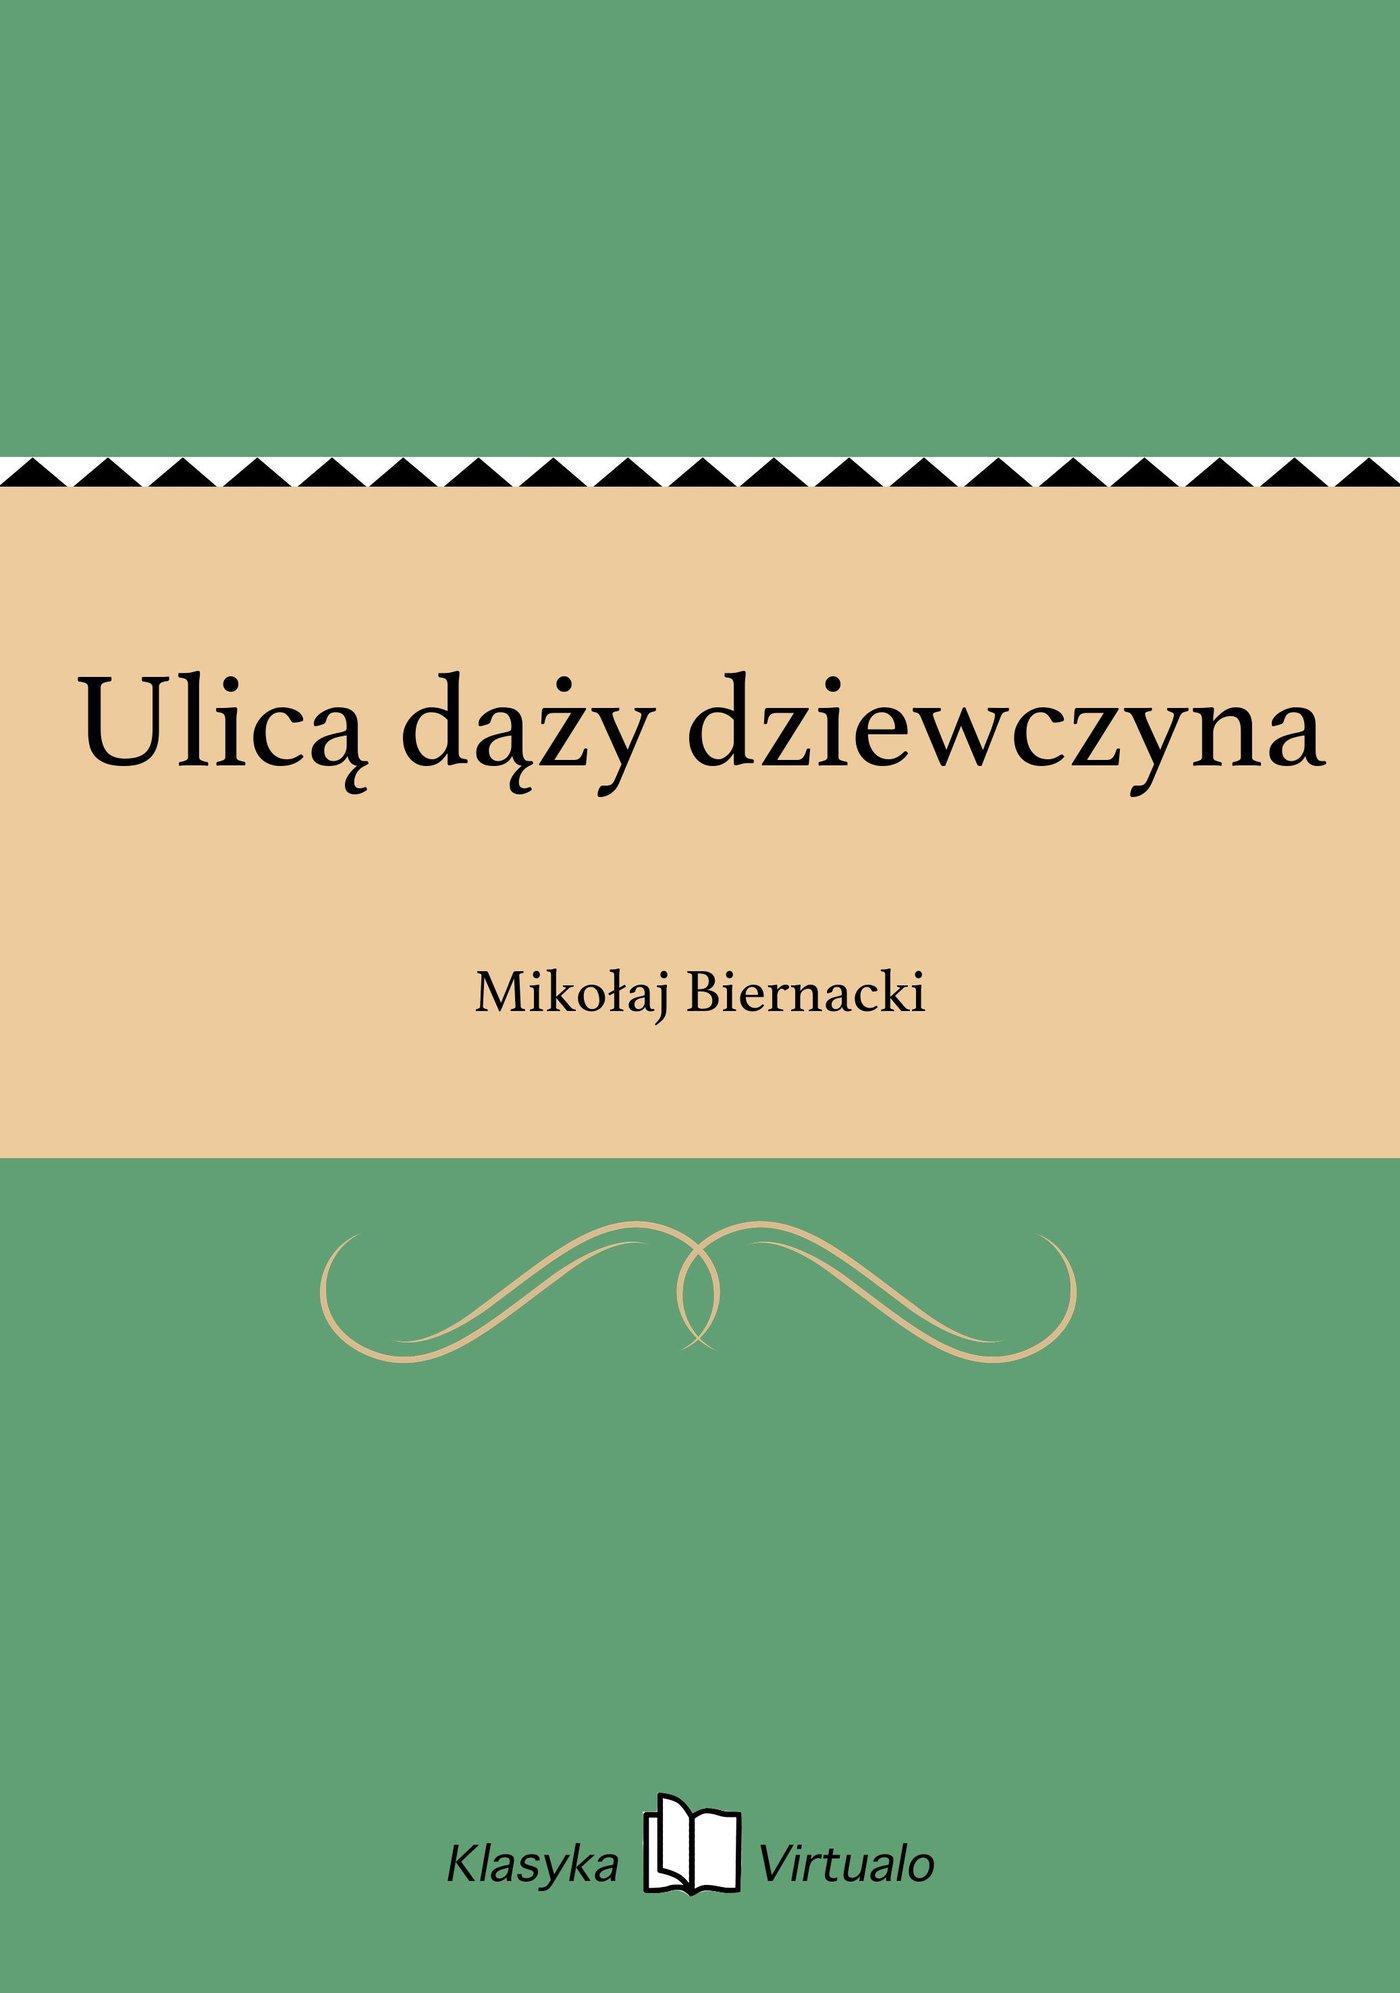 Ulicą dąży dziewczyna - Ebook (Książka EPUB) do pobrania w formacie EPUB